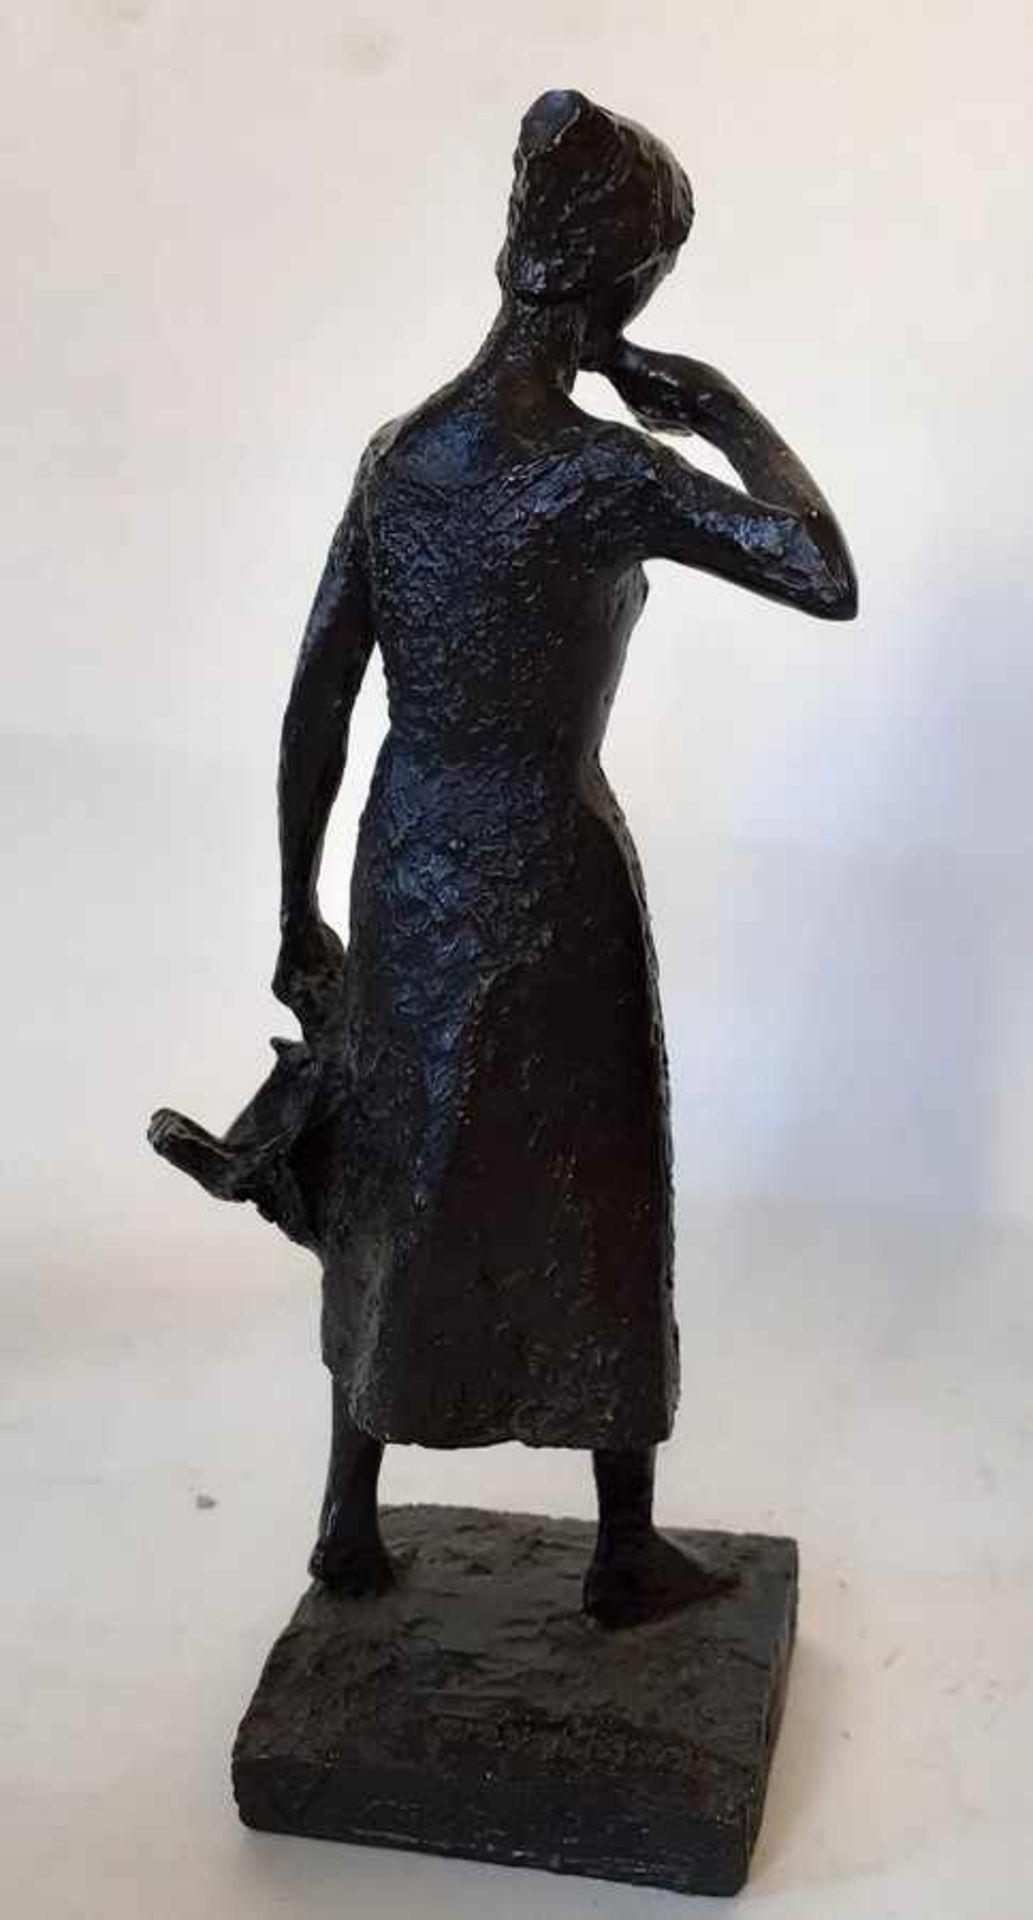 (Kunst) Gebronst epoxy beeld, Tummers-Van Hasselt - Image 5 of 5